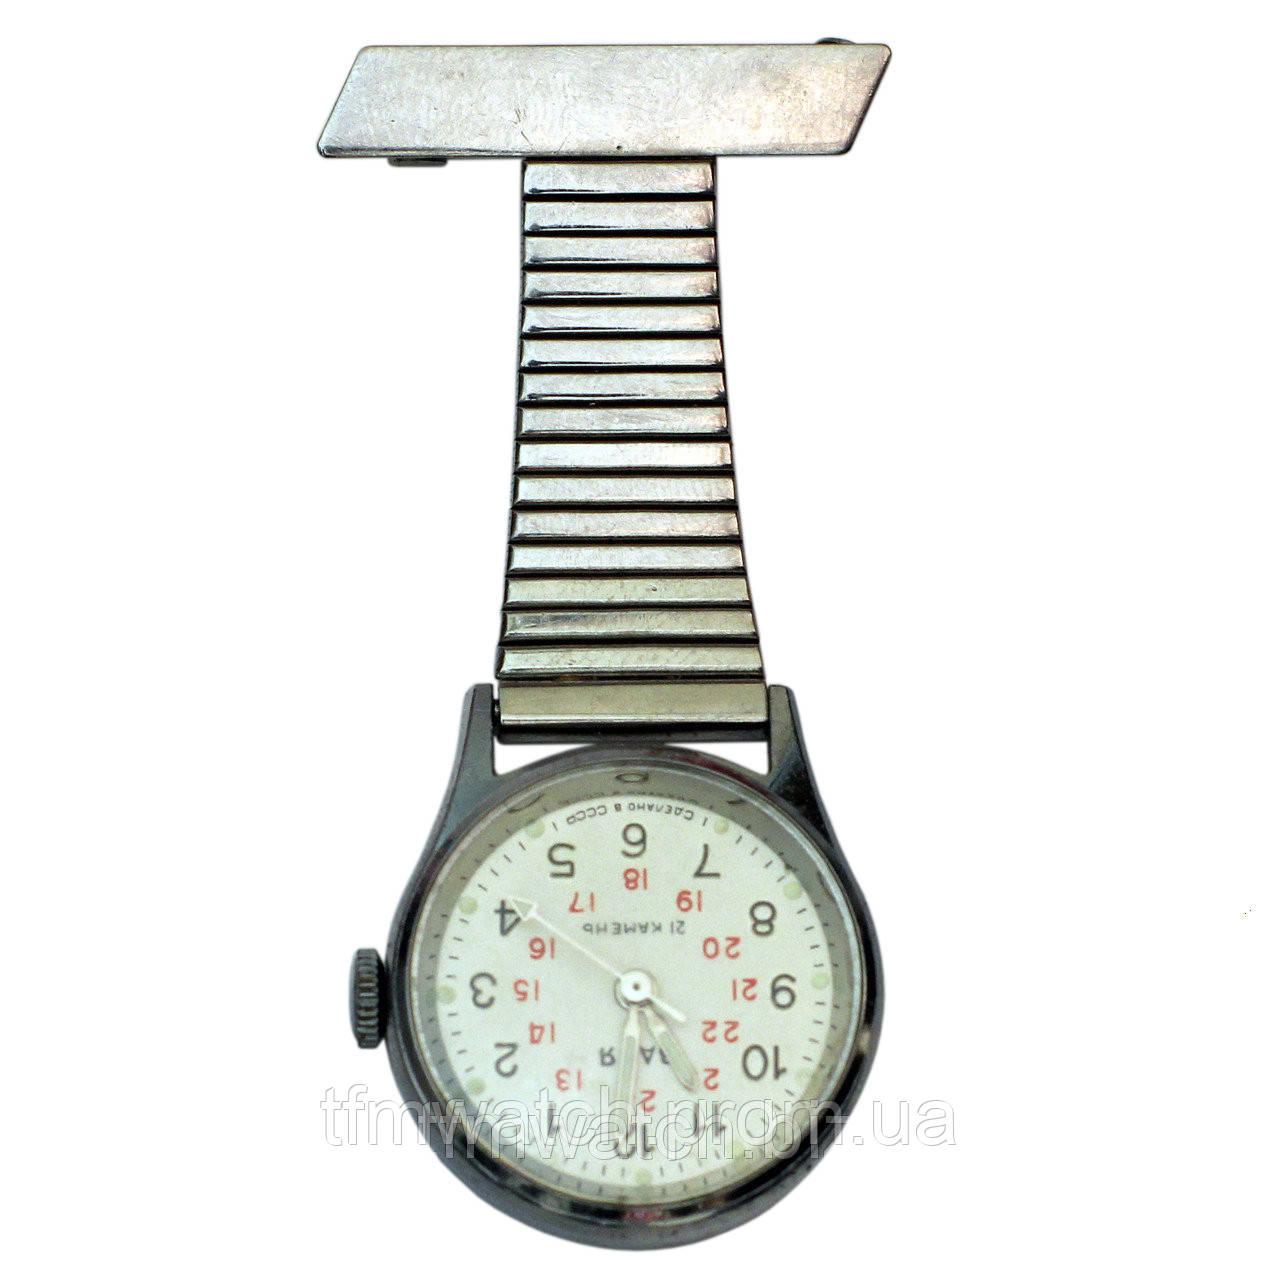 eff90a59 Медицинские часы Заря - Магазин старинных, винтажных и антикварных часов  TFMwatch в России